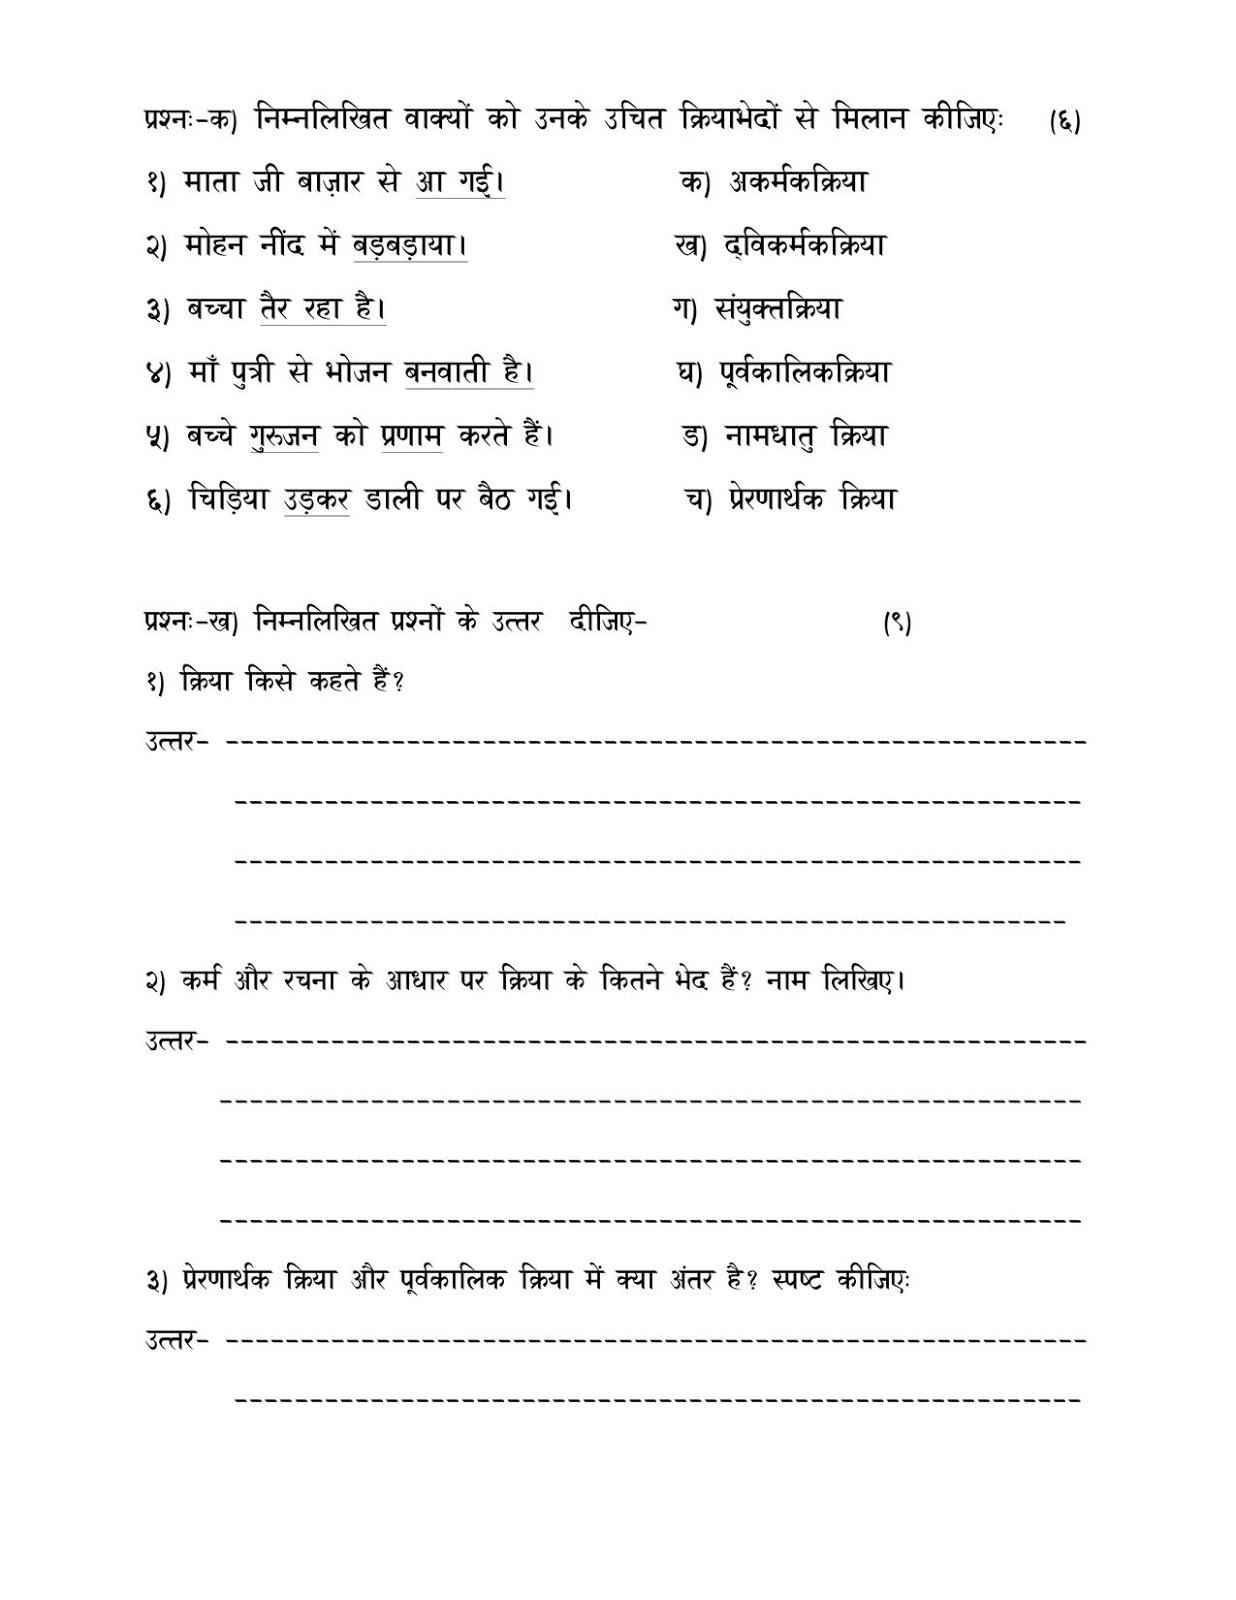 Worksheet Of Kriya 2